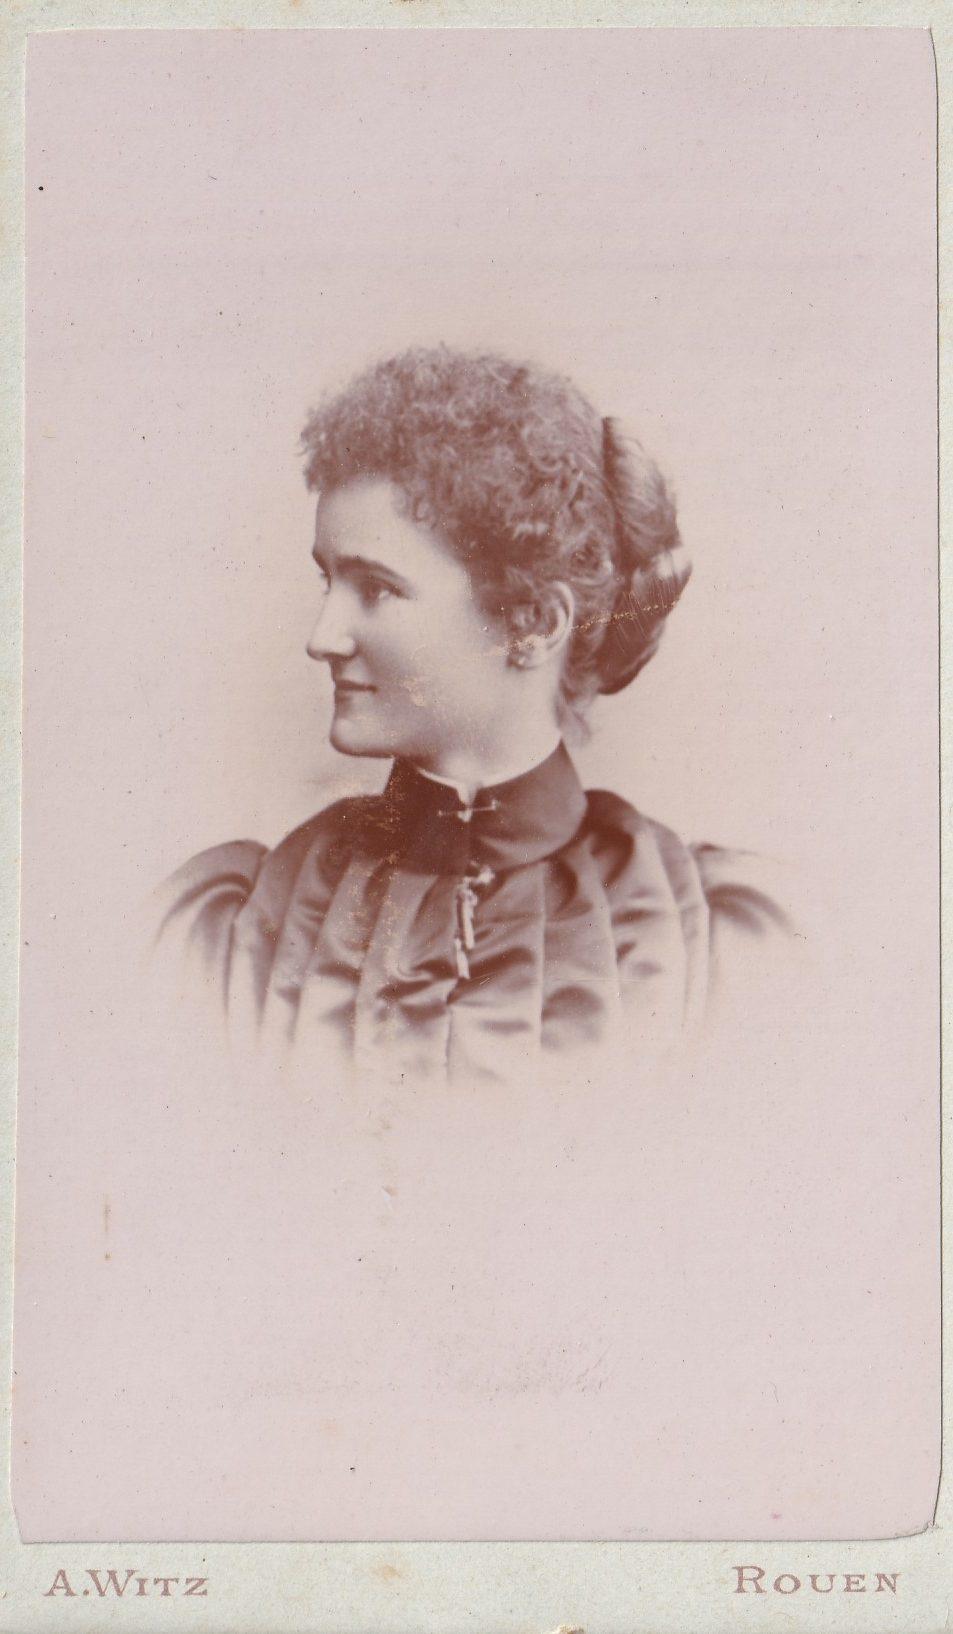 Album bfn Mme épouse Charles Marié peut être mère de Léonie Charles et Alice page  photo  rotated